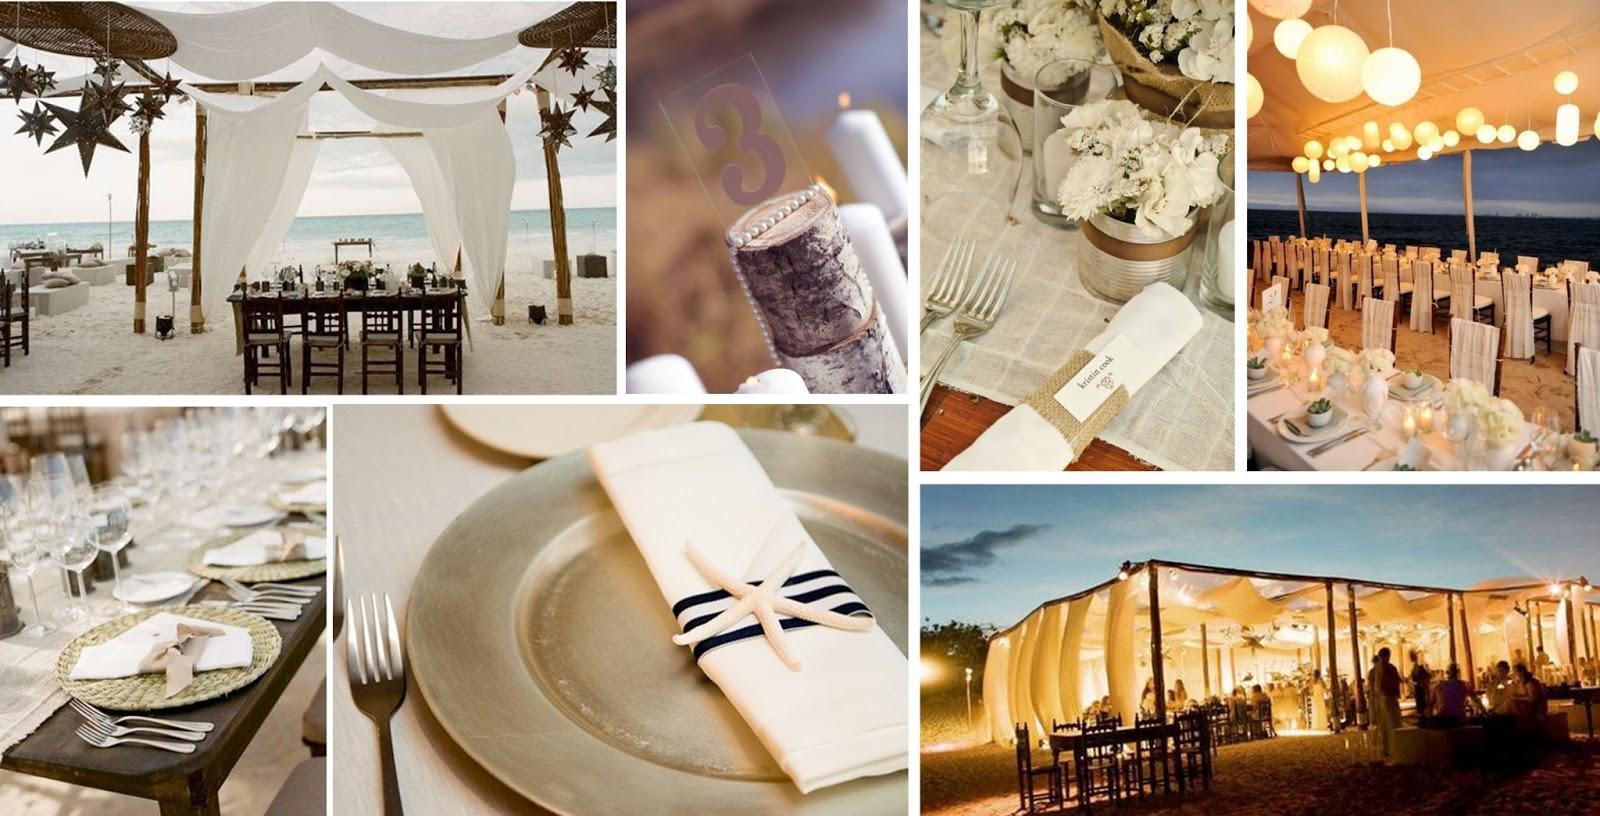 Creación de un estado de ánimo con elegante decoración de la boda